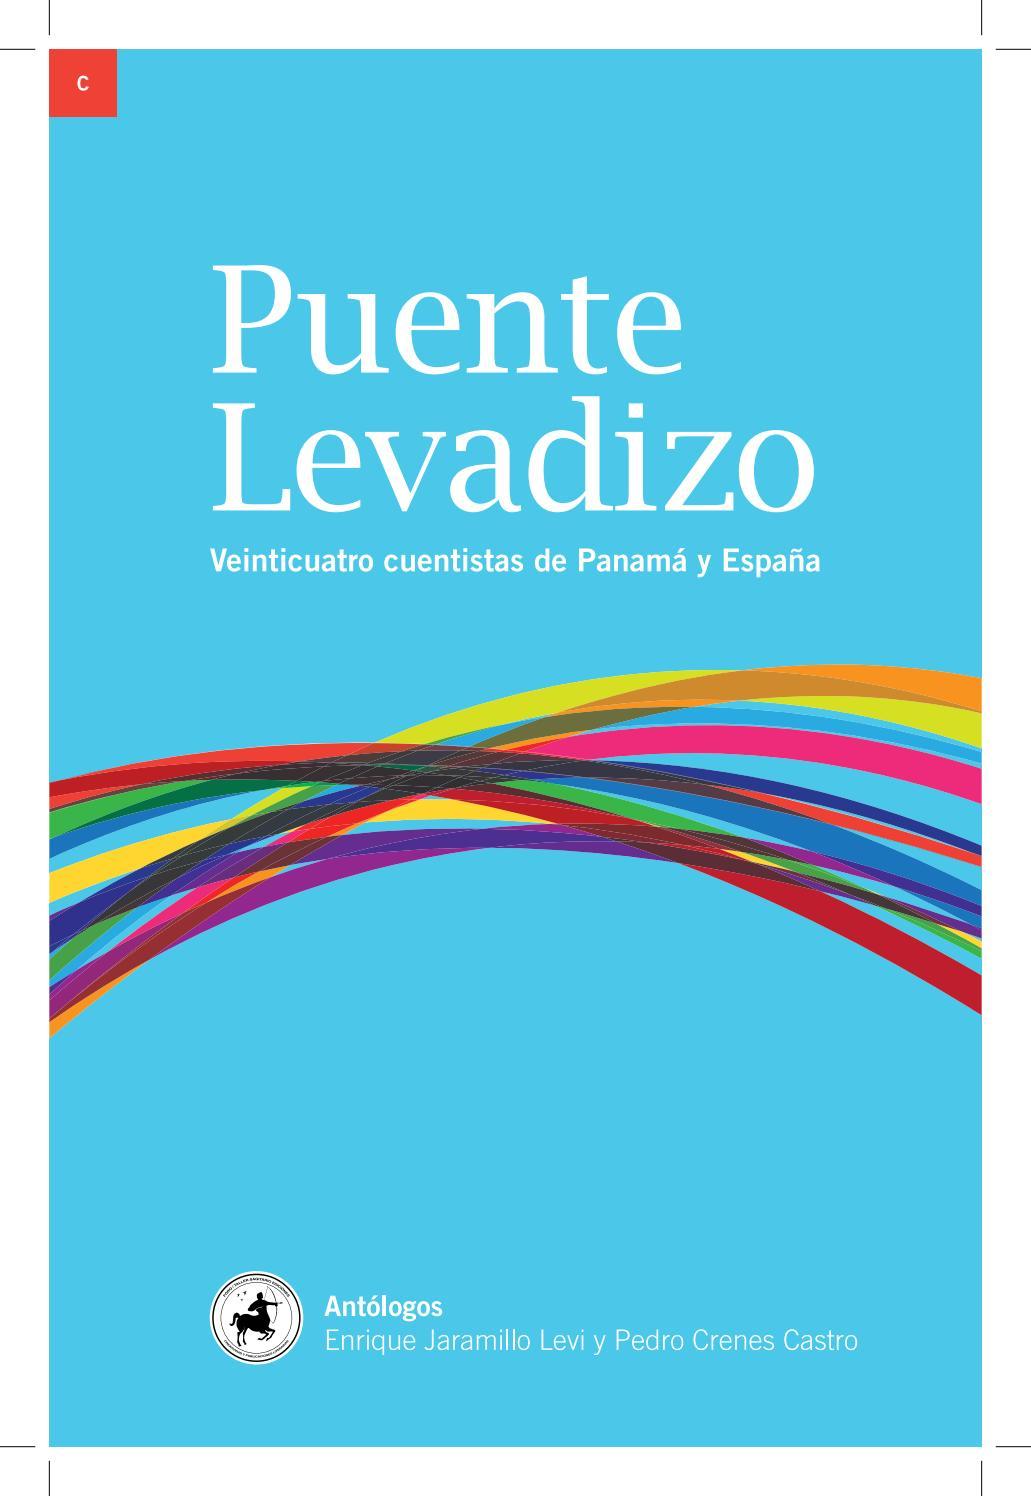 c66fb1ac1 Puente levadizo by AECID PUBLICACIONES - issuu